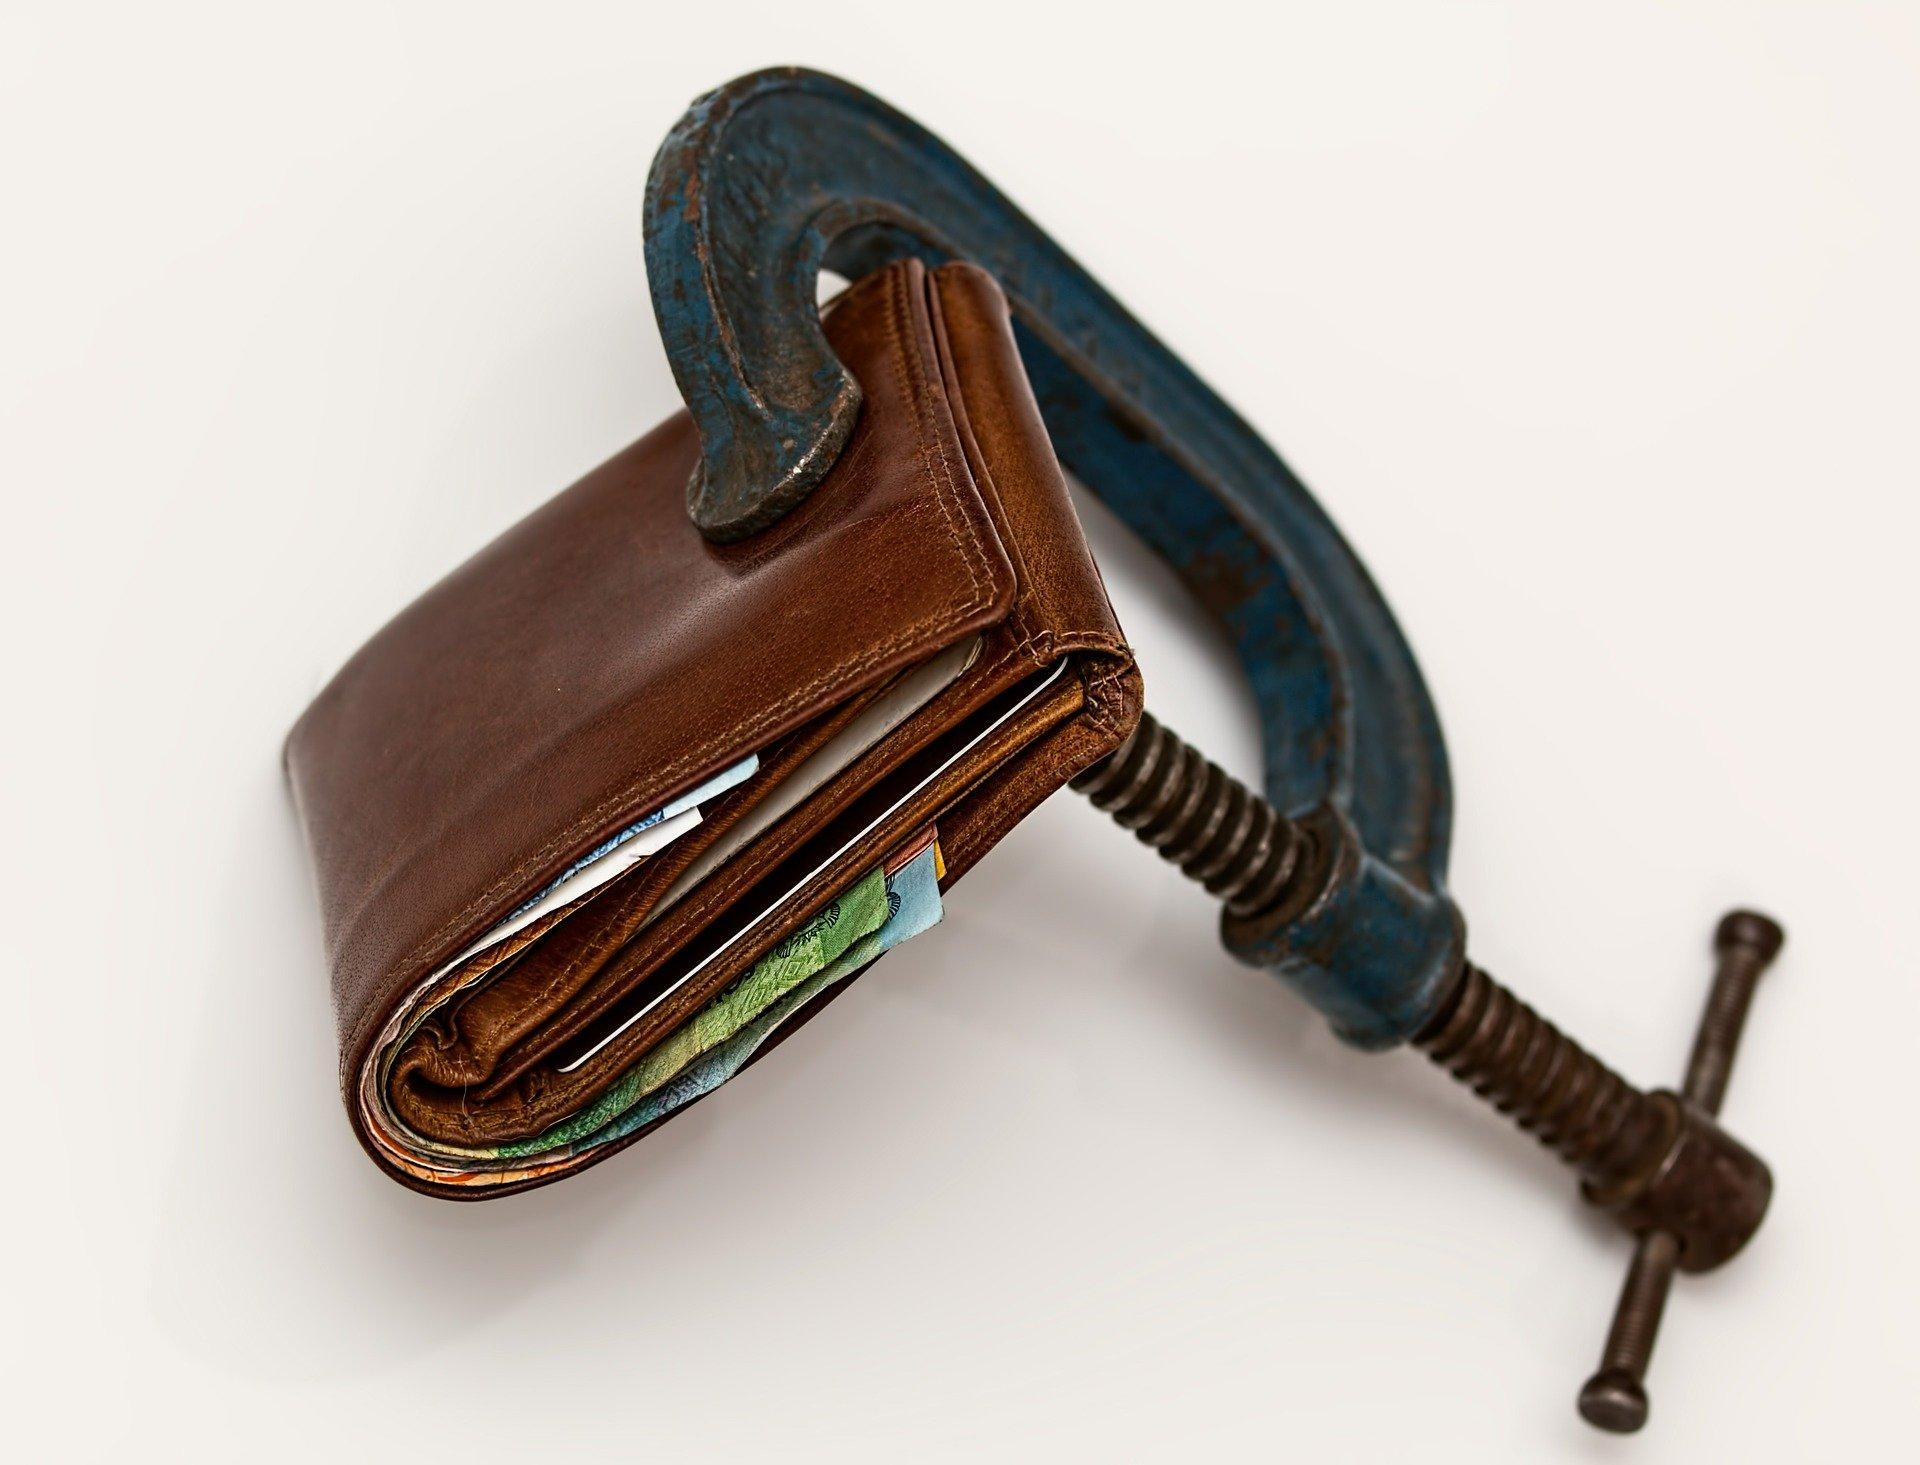 Voorkomen faillissement